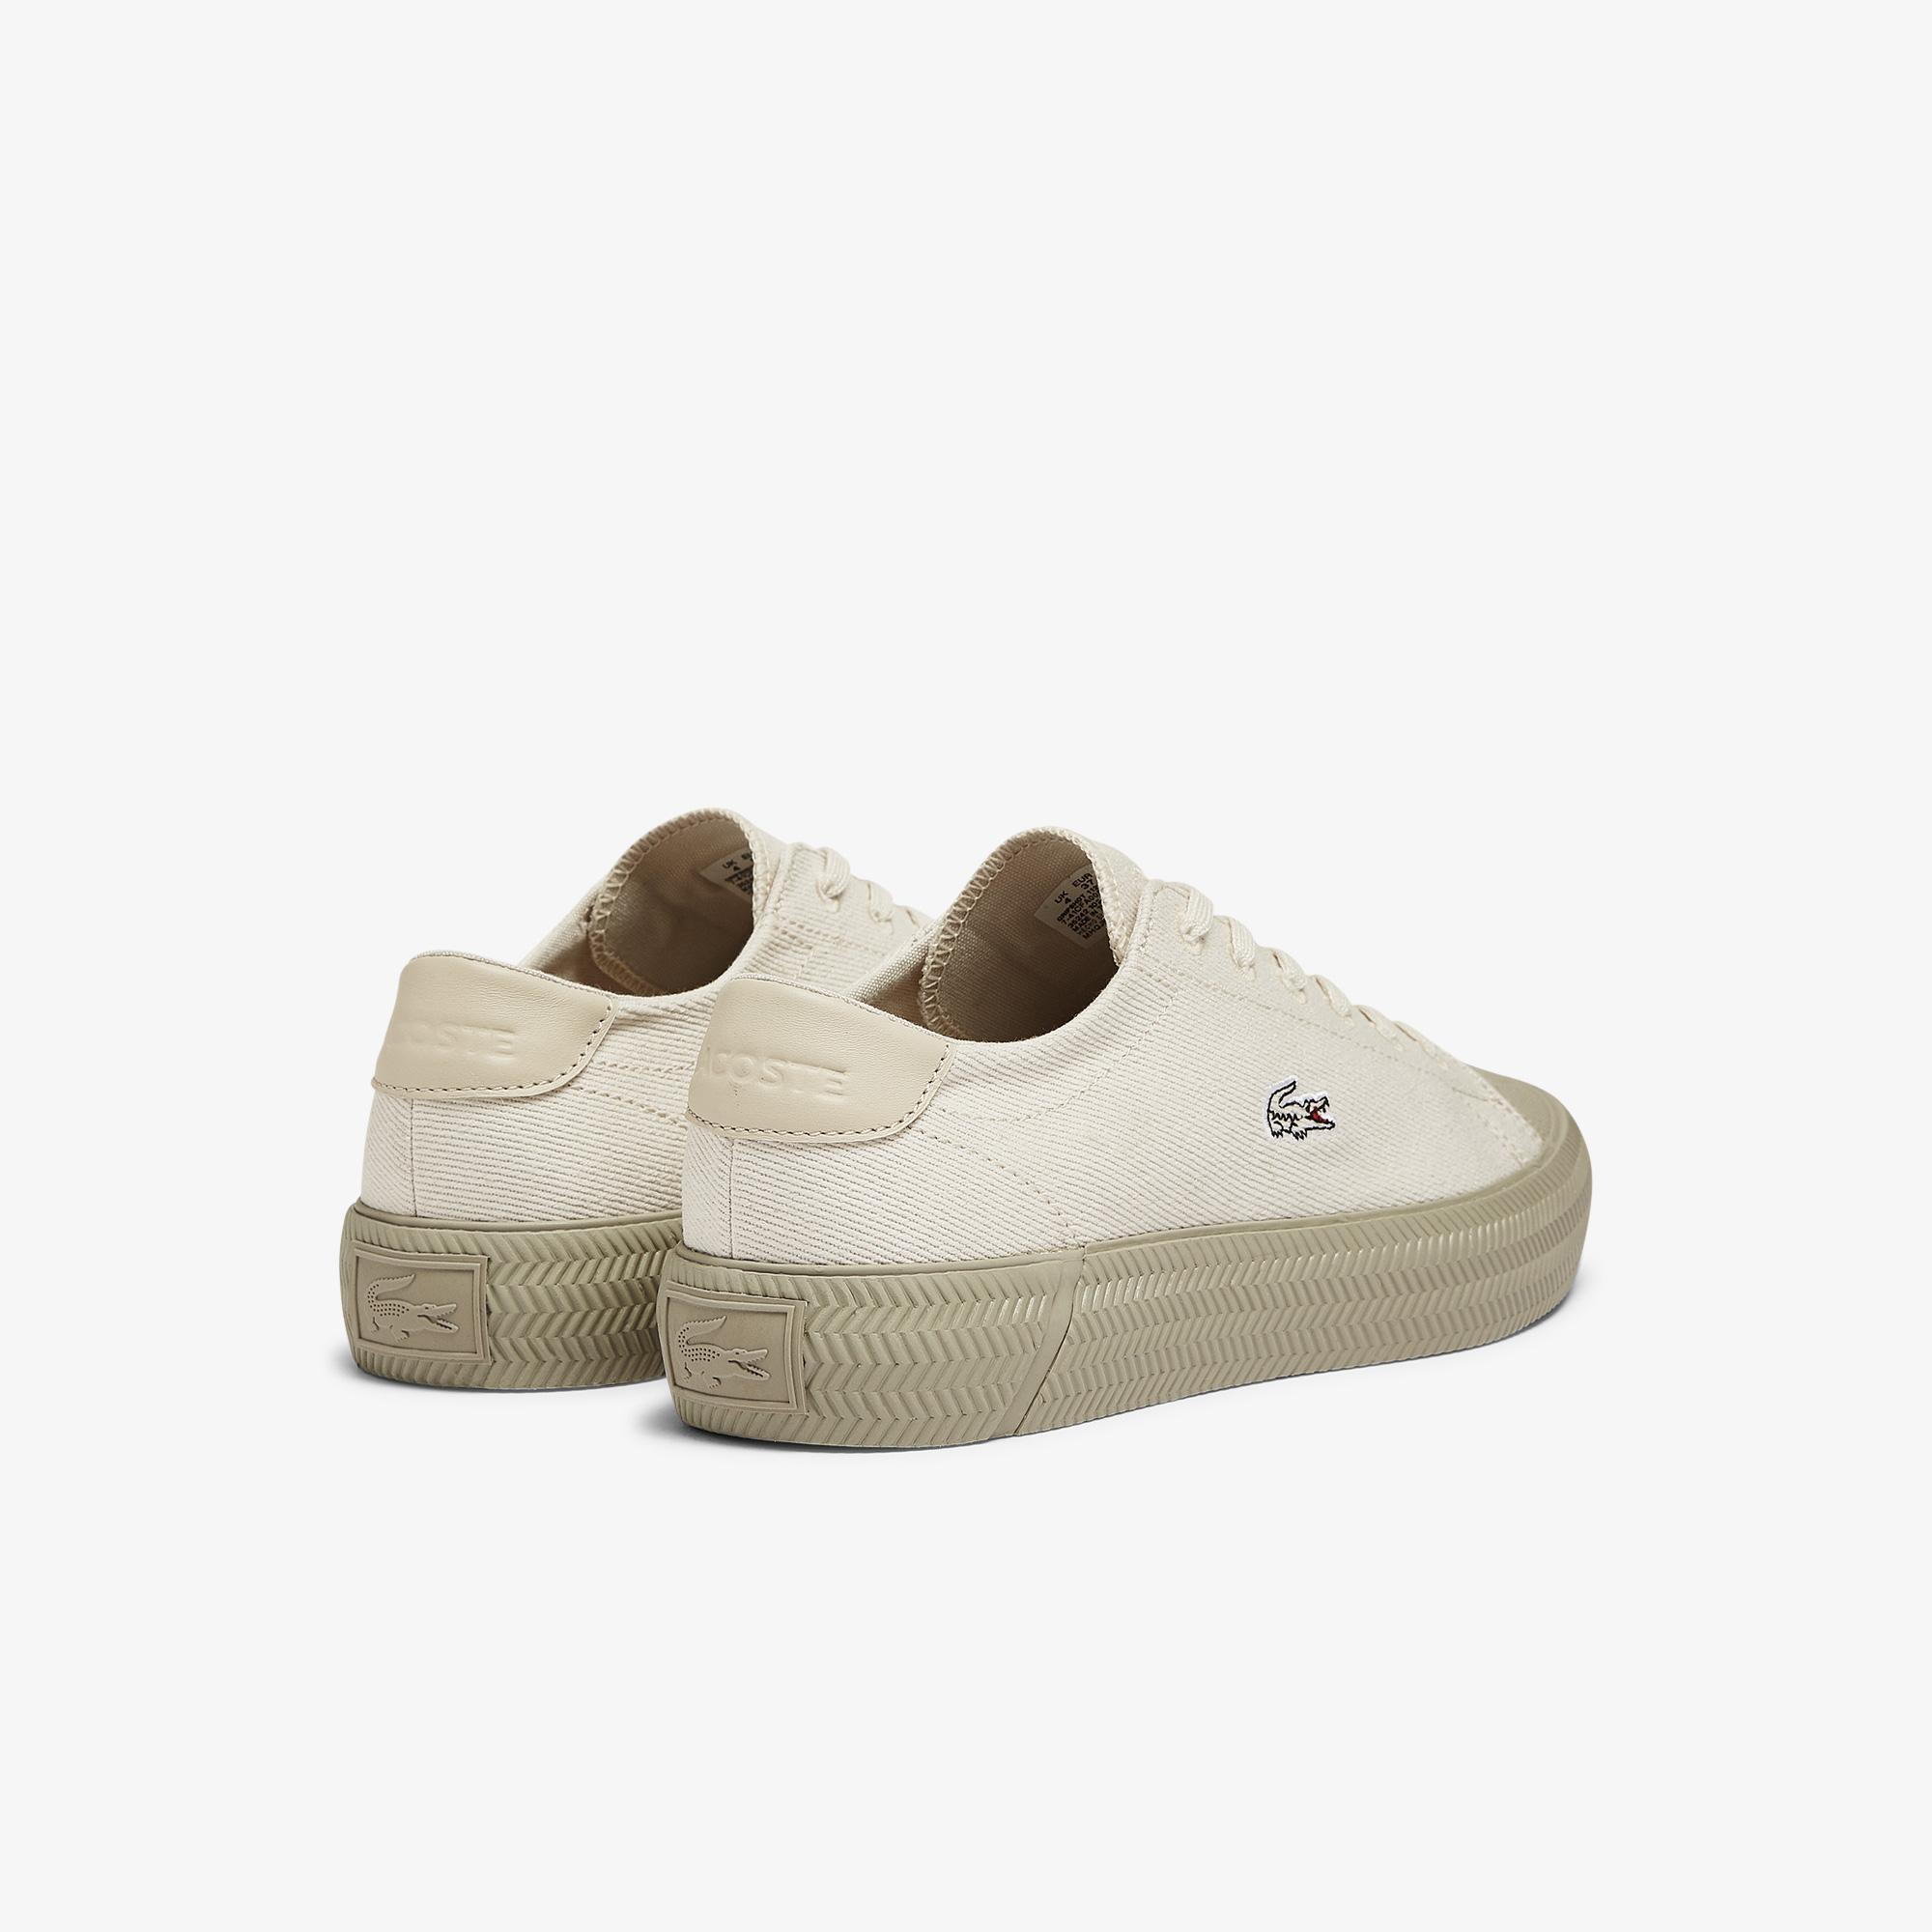 Lacoste Gripshot 1121 1 Cfa Kadın Deri Bej Sneaker